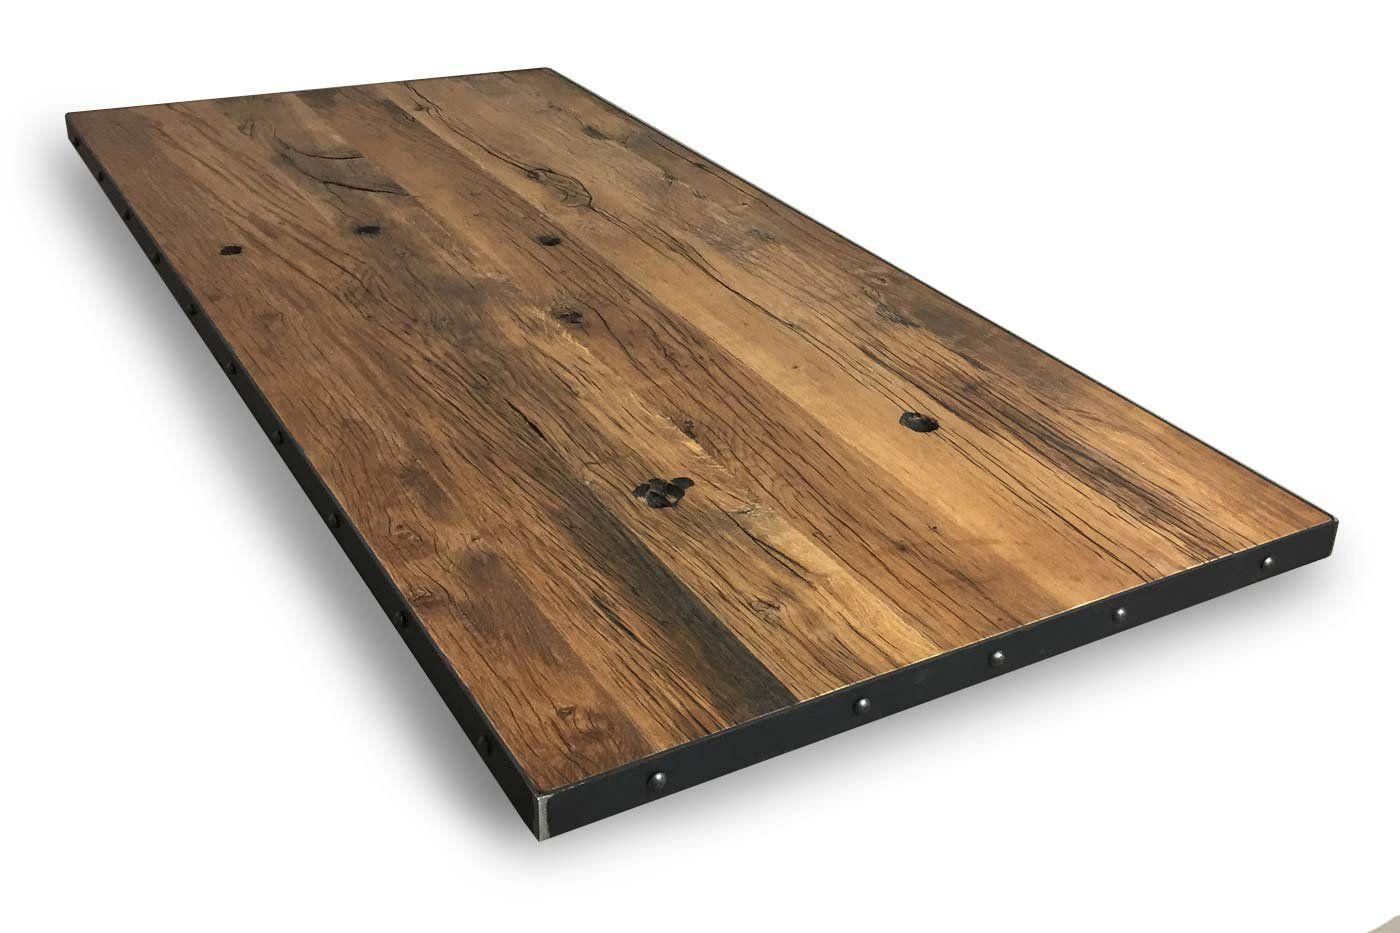 Tischplatte rund Eiche massiv nach Maß [WOHNSEKTION]